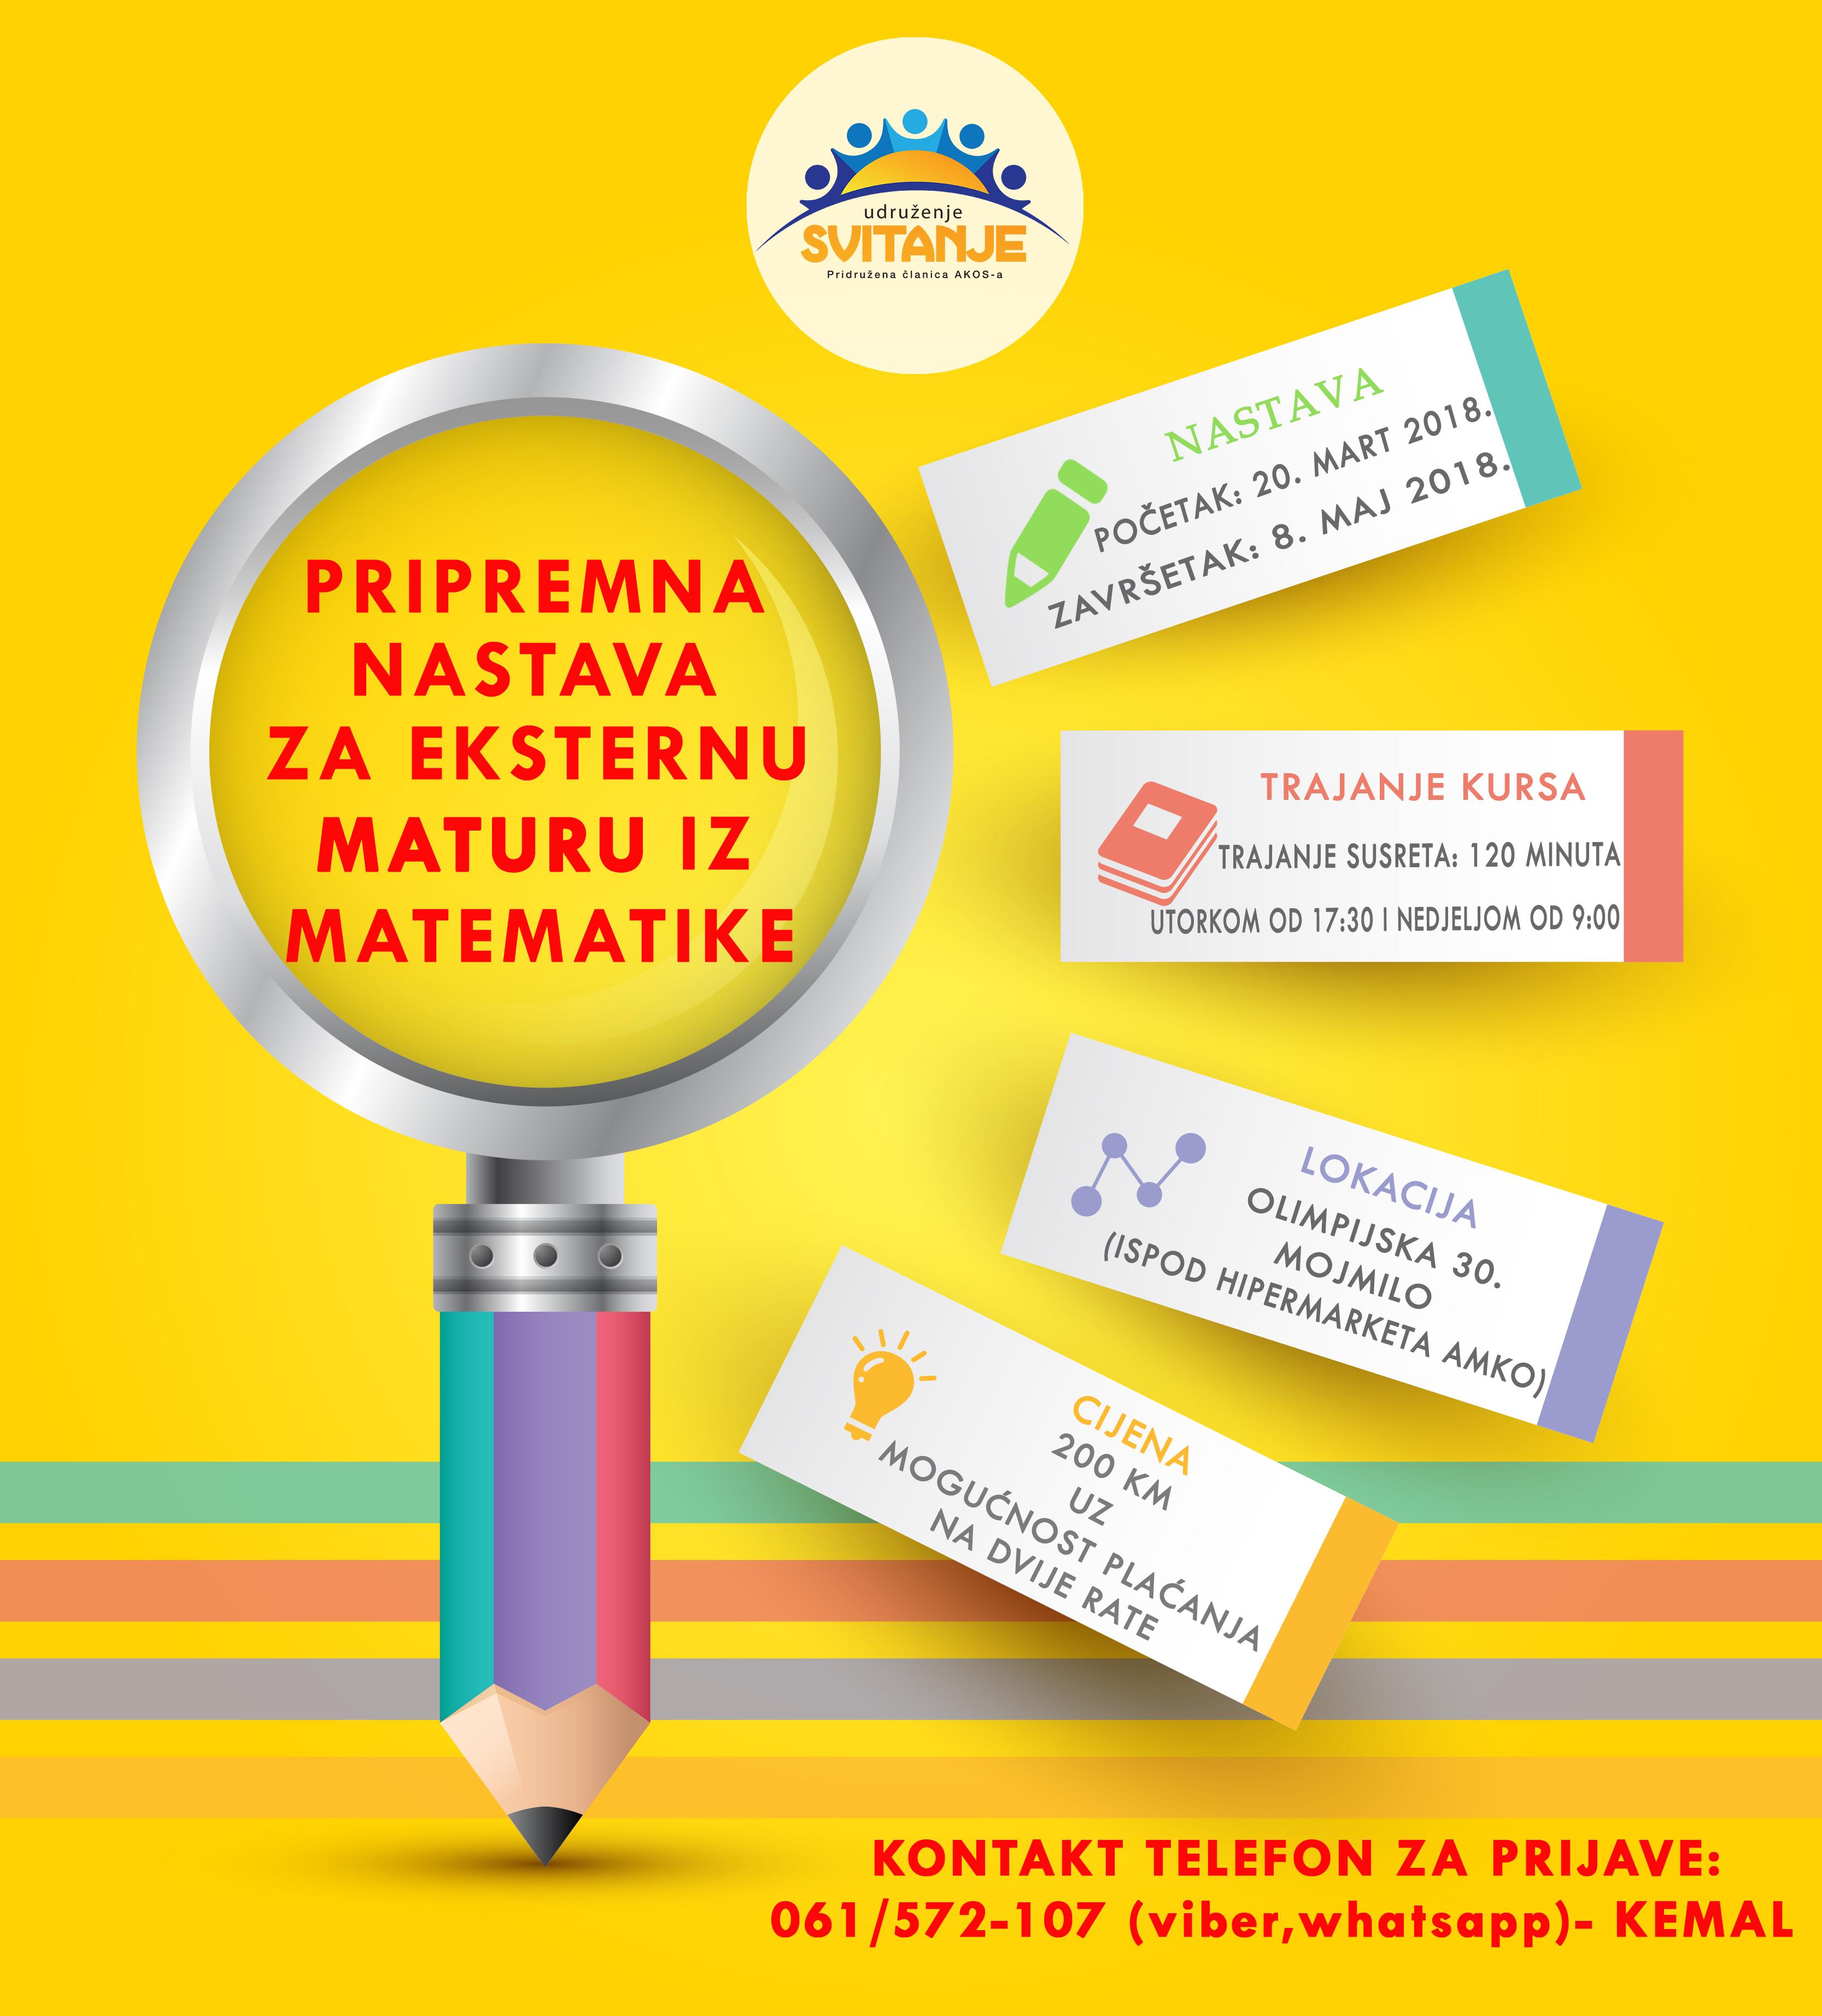 Udruženje Svitanje organizuje pripremnu nastavu za eksternu maturu iz matematike